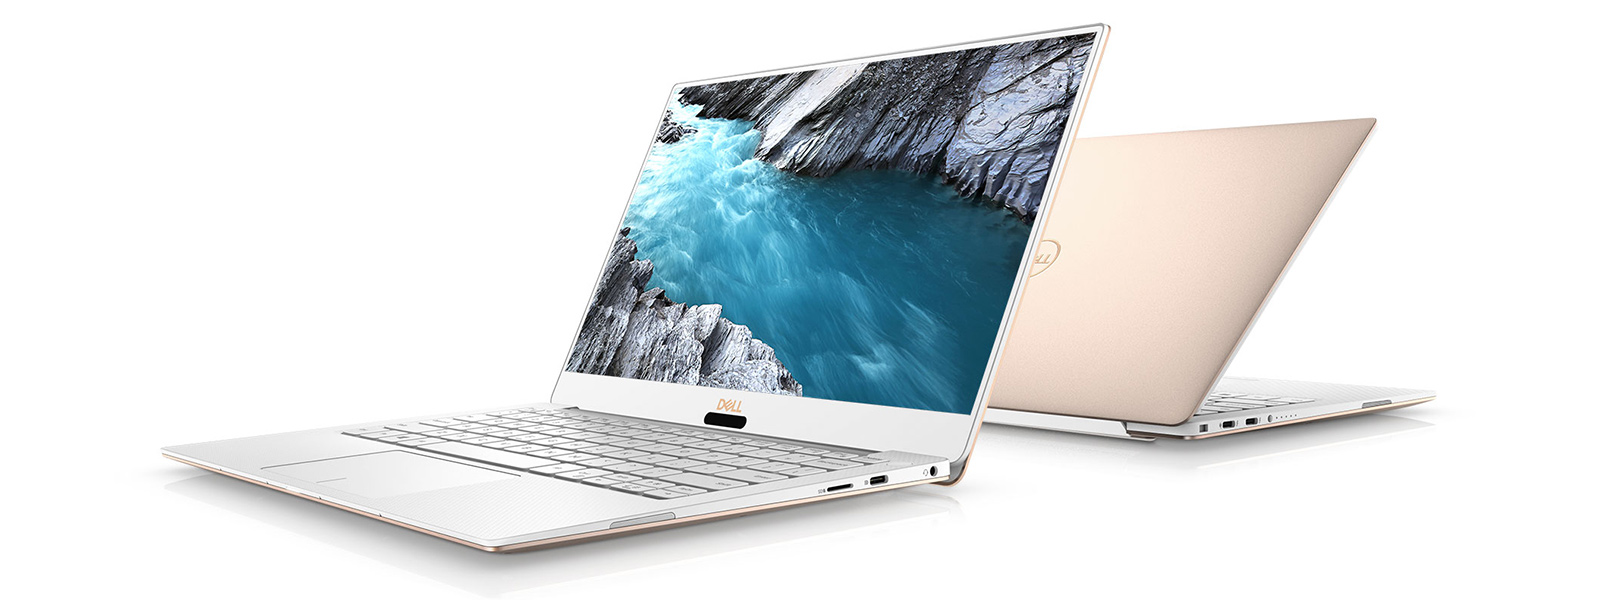 Μεταχειρισμένα Laptop - Refurbished Laptop και Υπολογιστές dccb11325ed